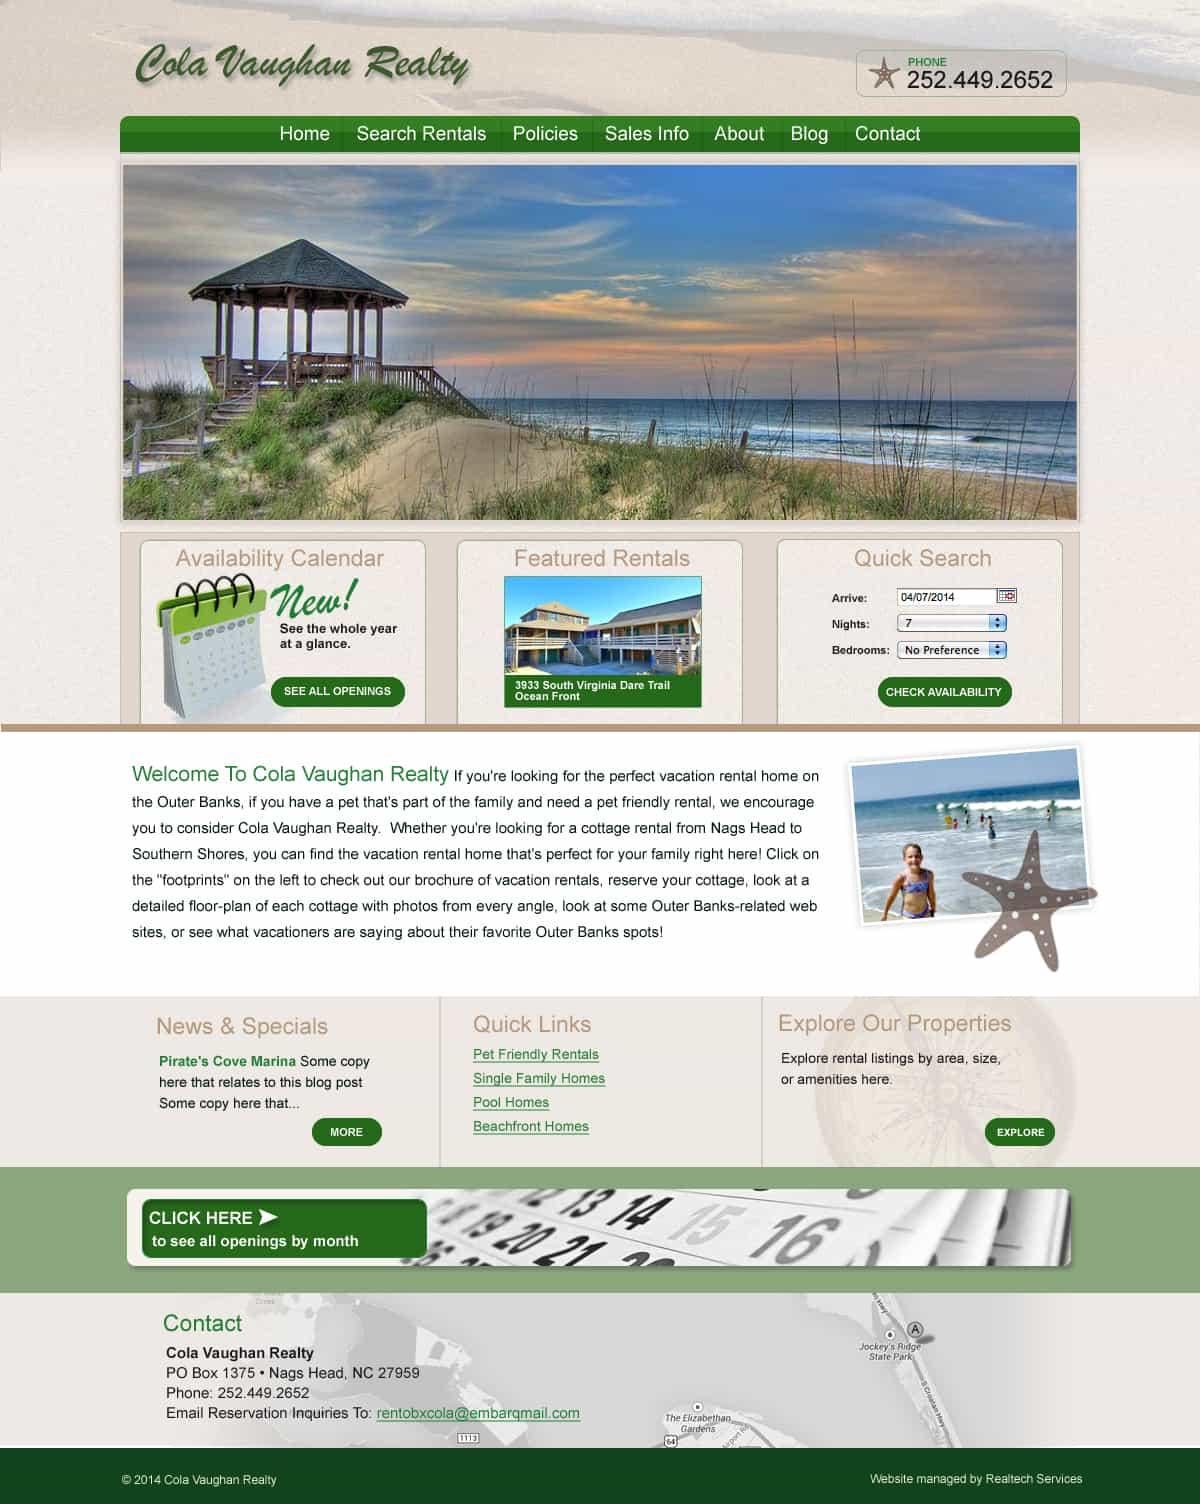 obxcola website design